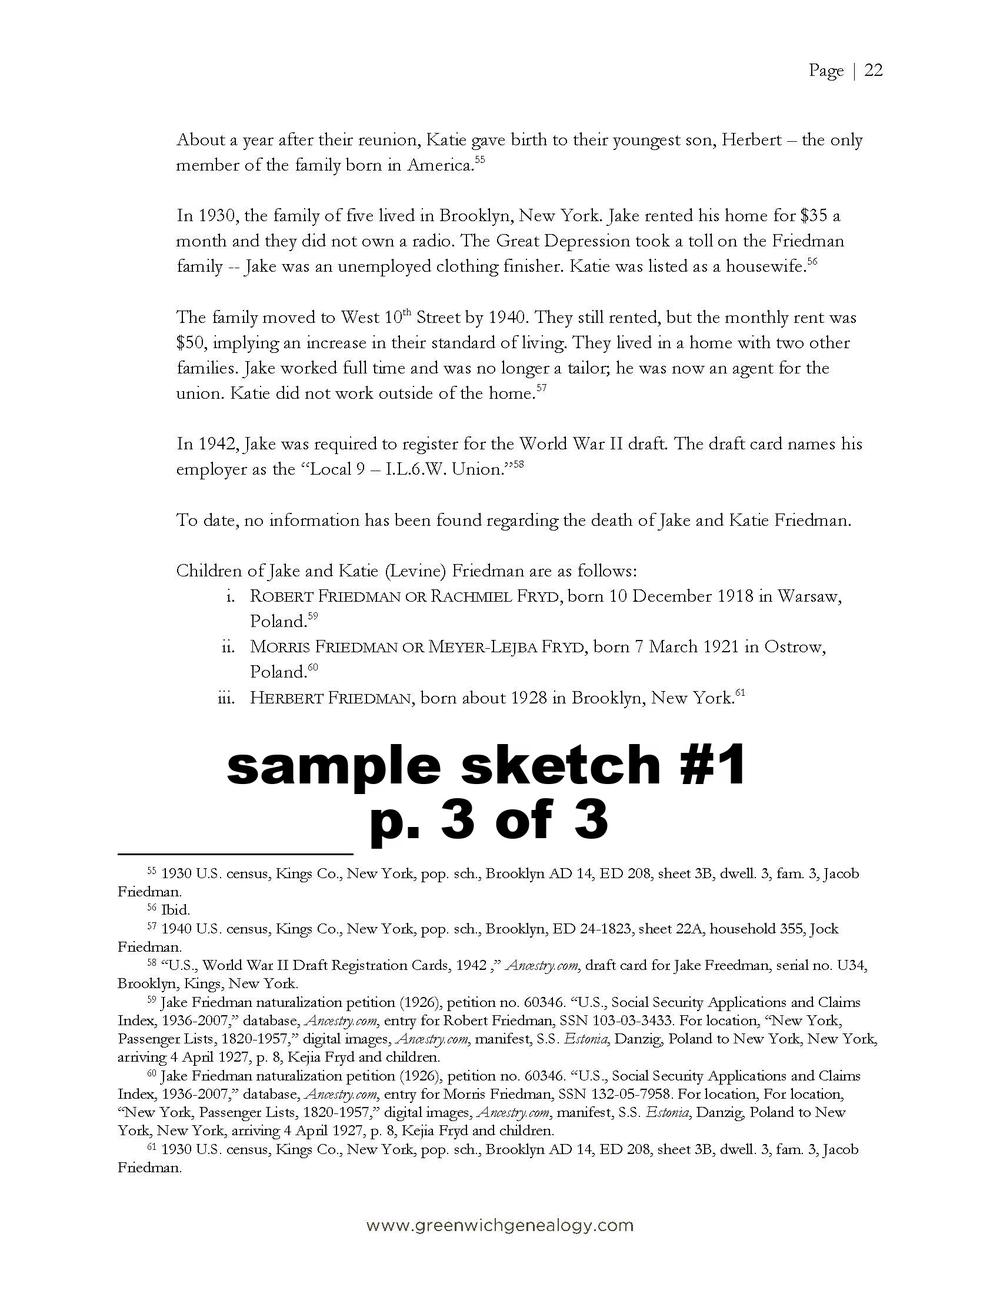 Sample (5).jpg